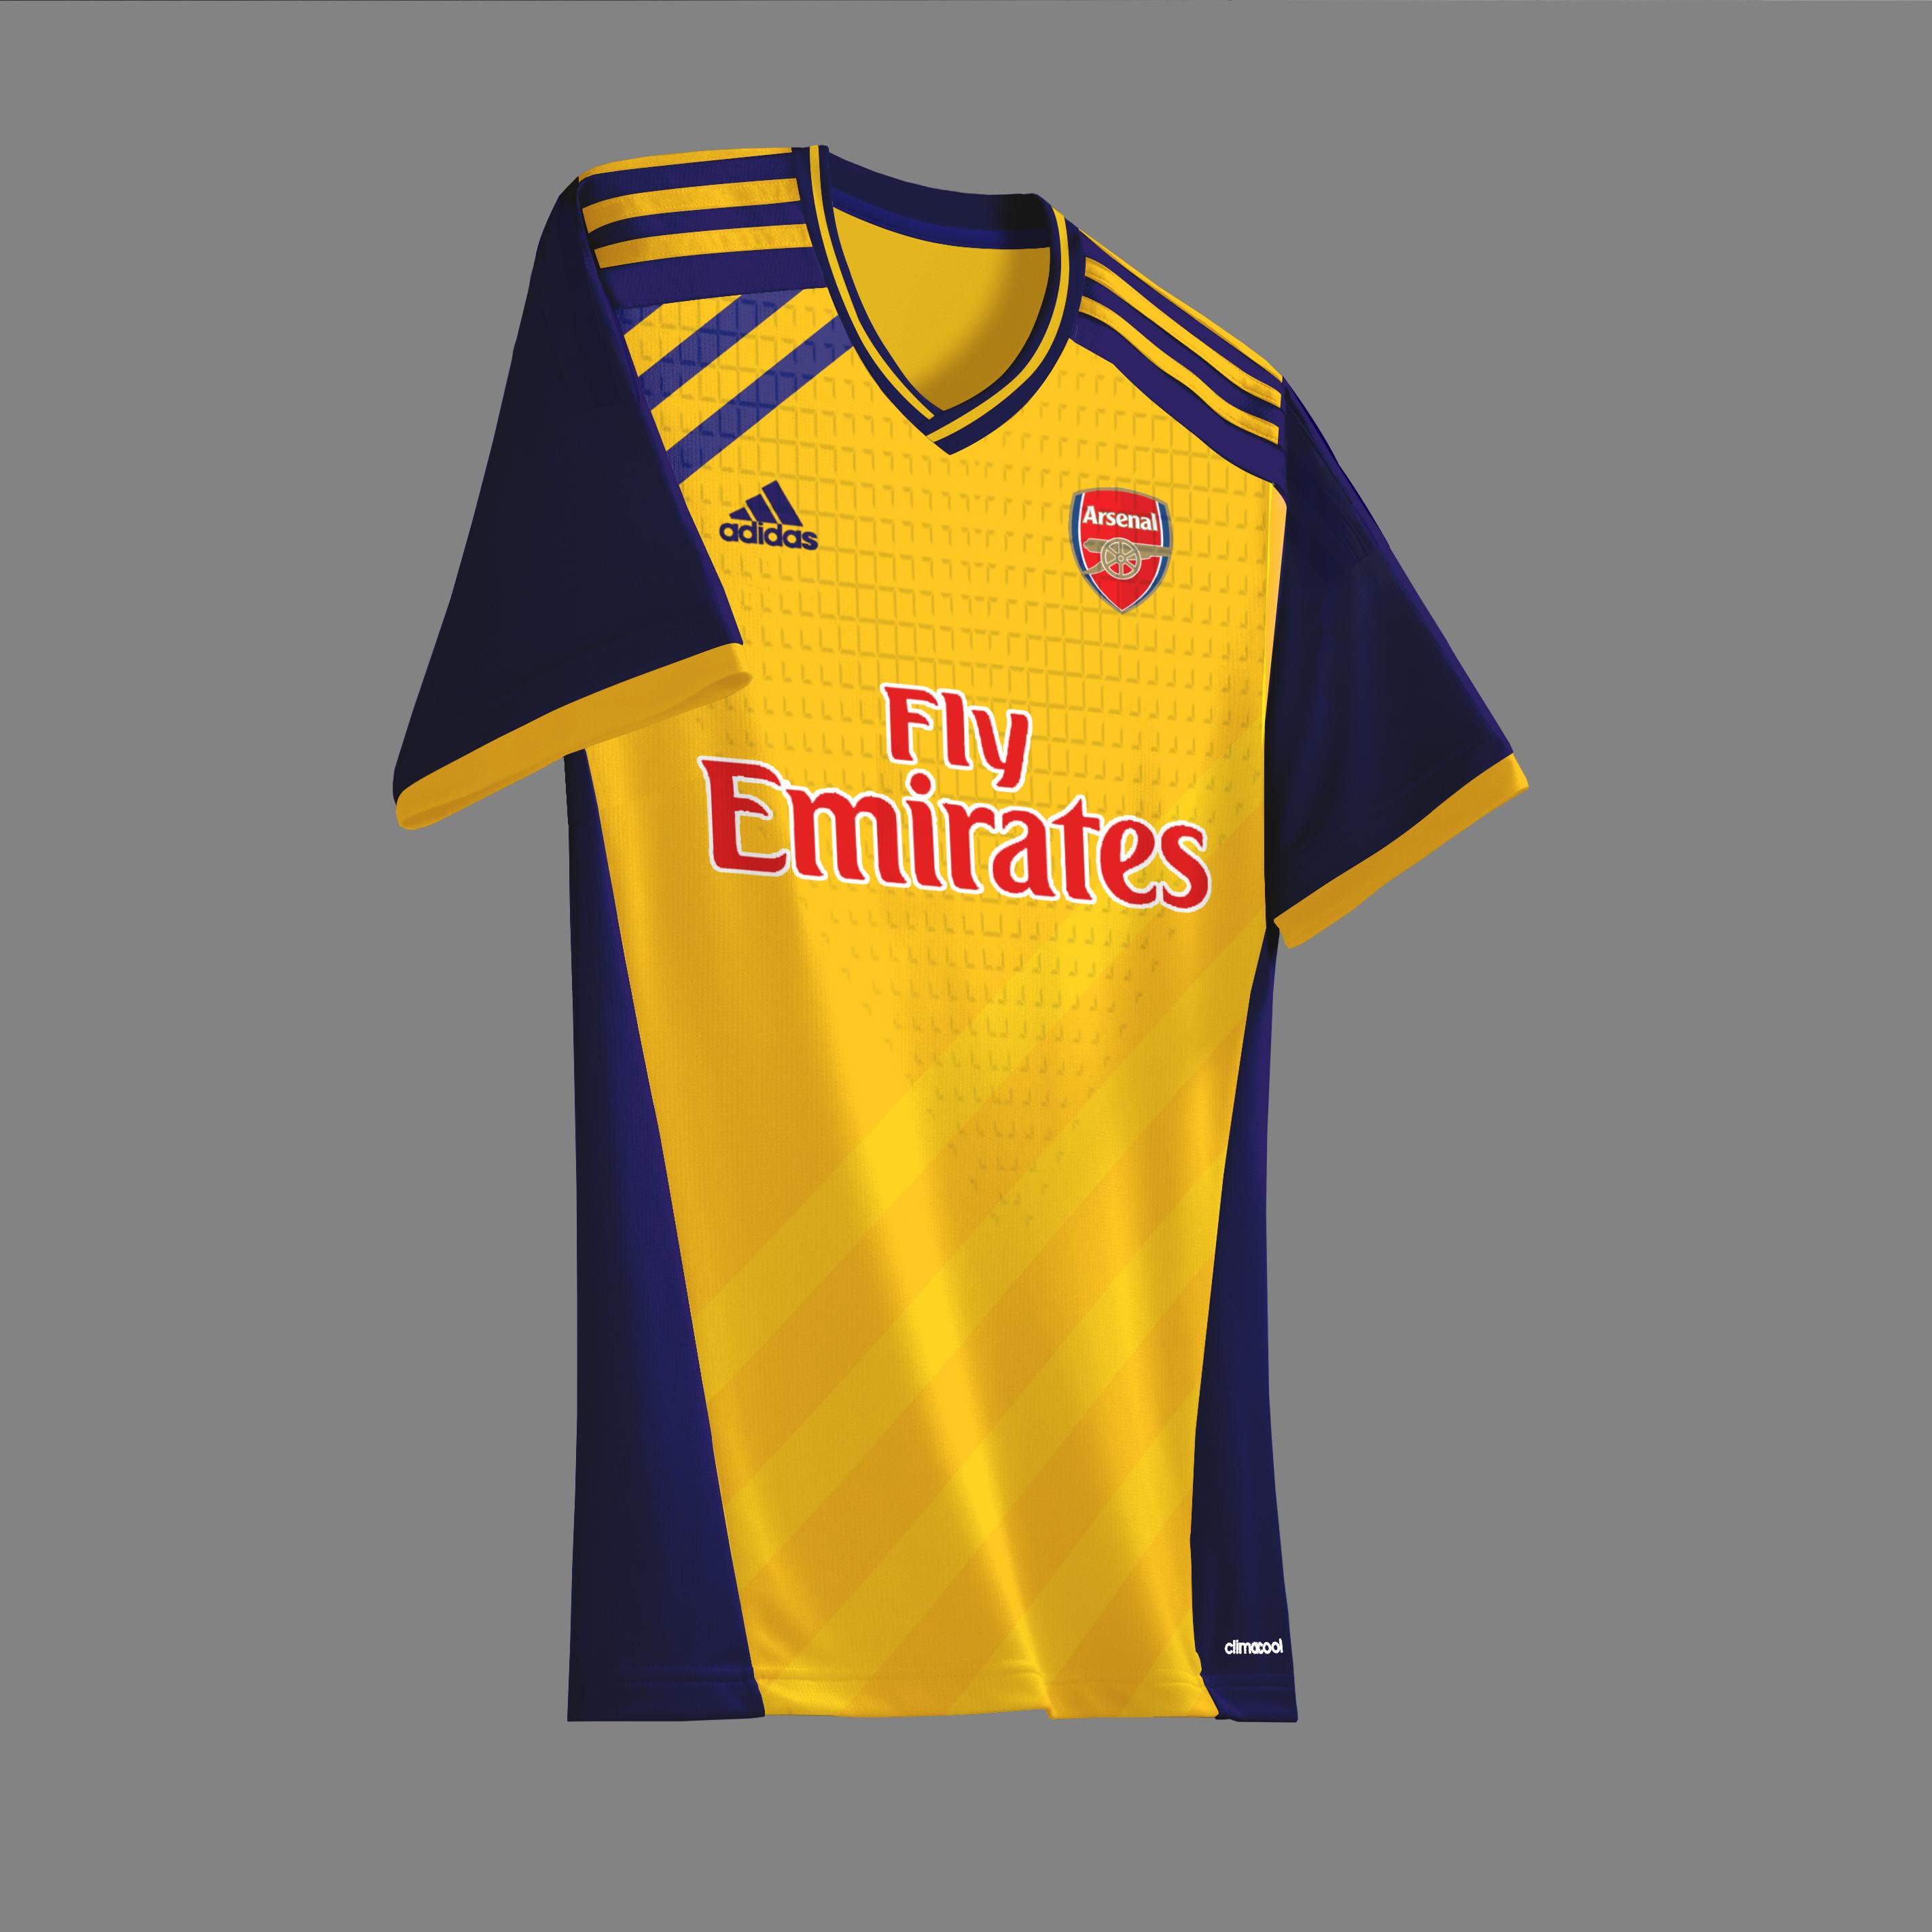 372530de8ad Arsenal x adidas away concept